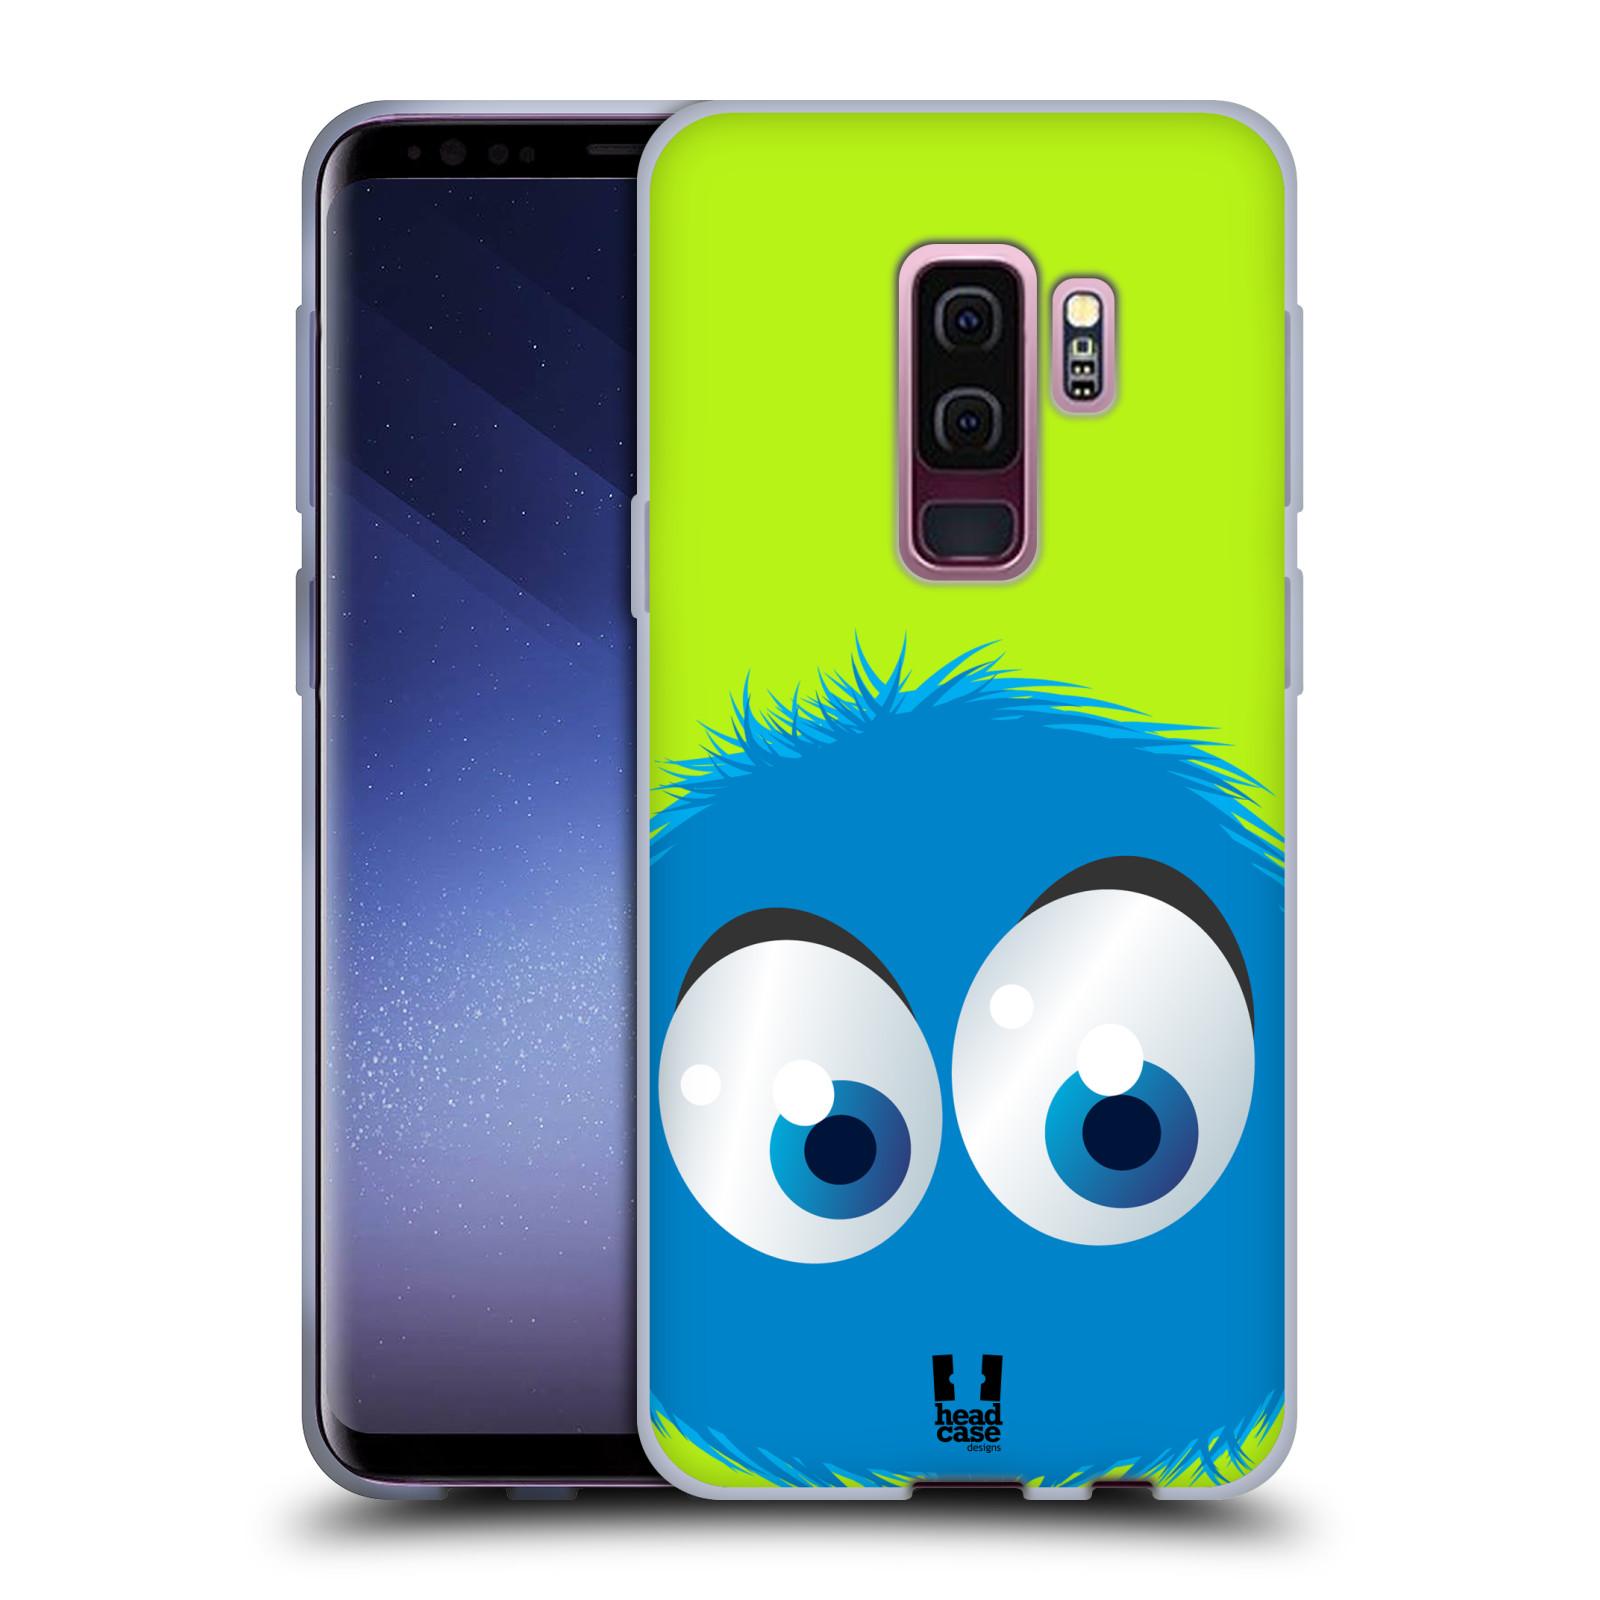 Silikonové pouzdro na mobil Samsung Galaxy S9 Plus - Head Case - FUZÍK MODRÝ (Silikonový kryt či obal na mobilní telefon Samsung Galaxy S9+ (Plus) SM-G965F/DS s motivem FUZÍK MODRÝ)